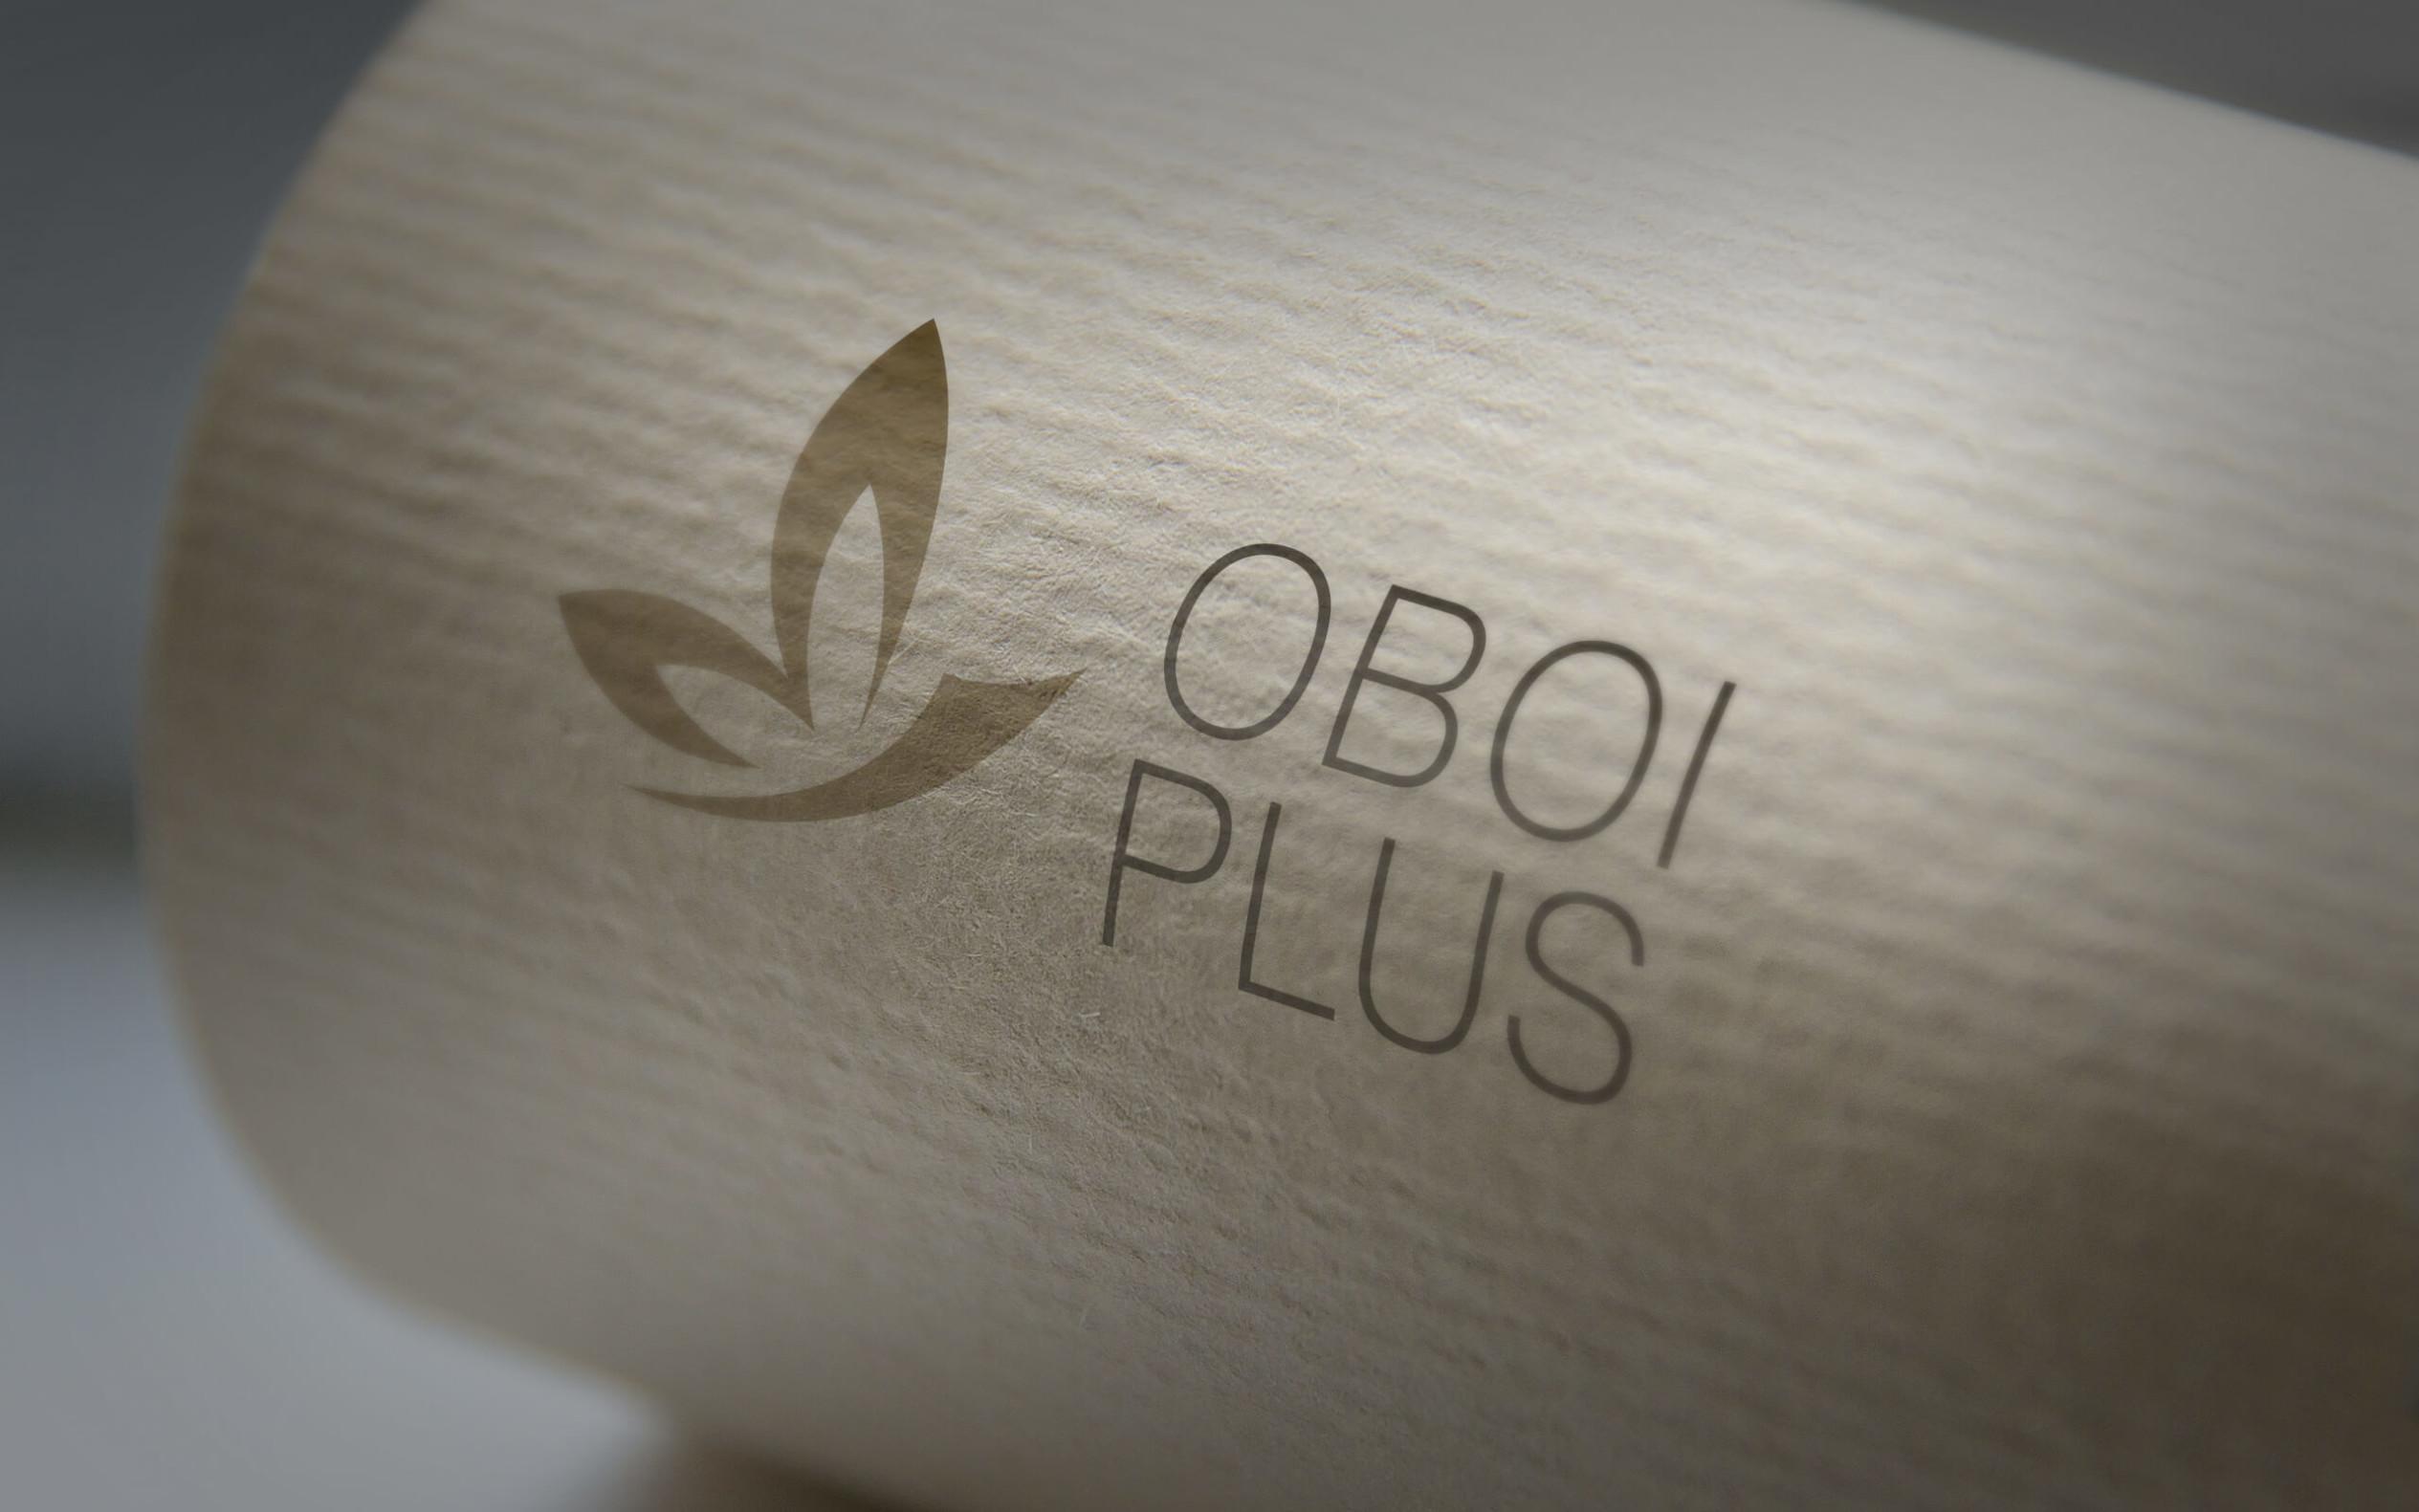 oboi-plus logo site web logo